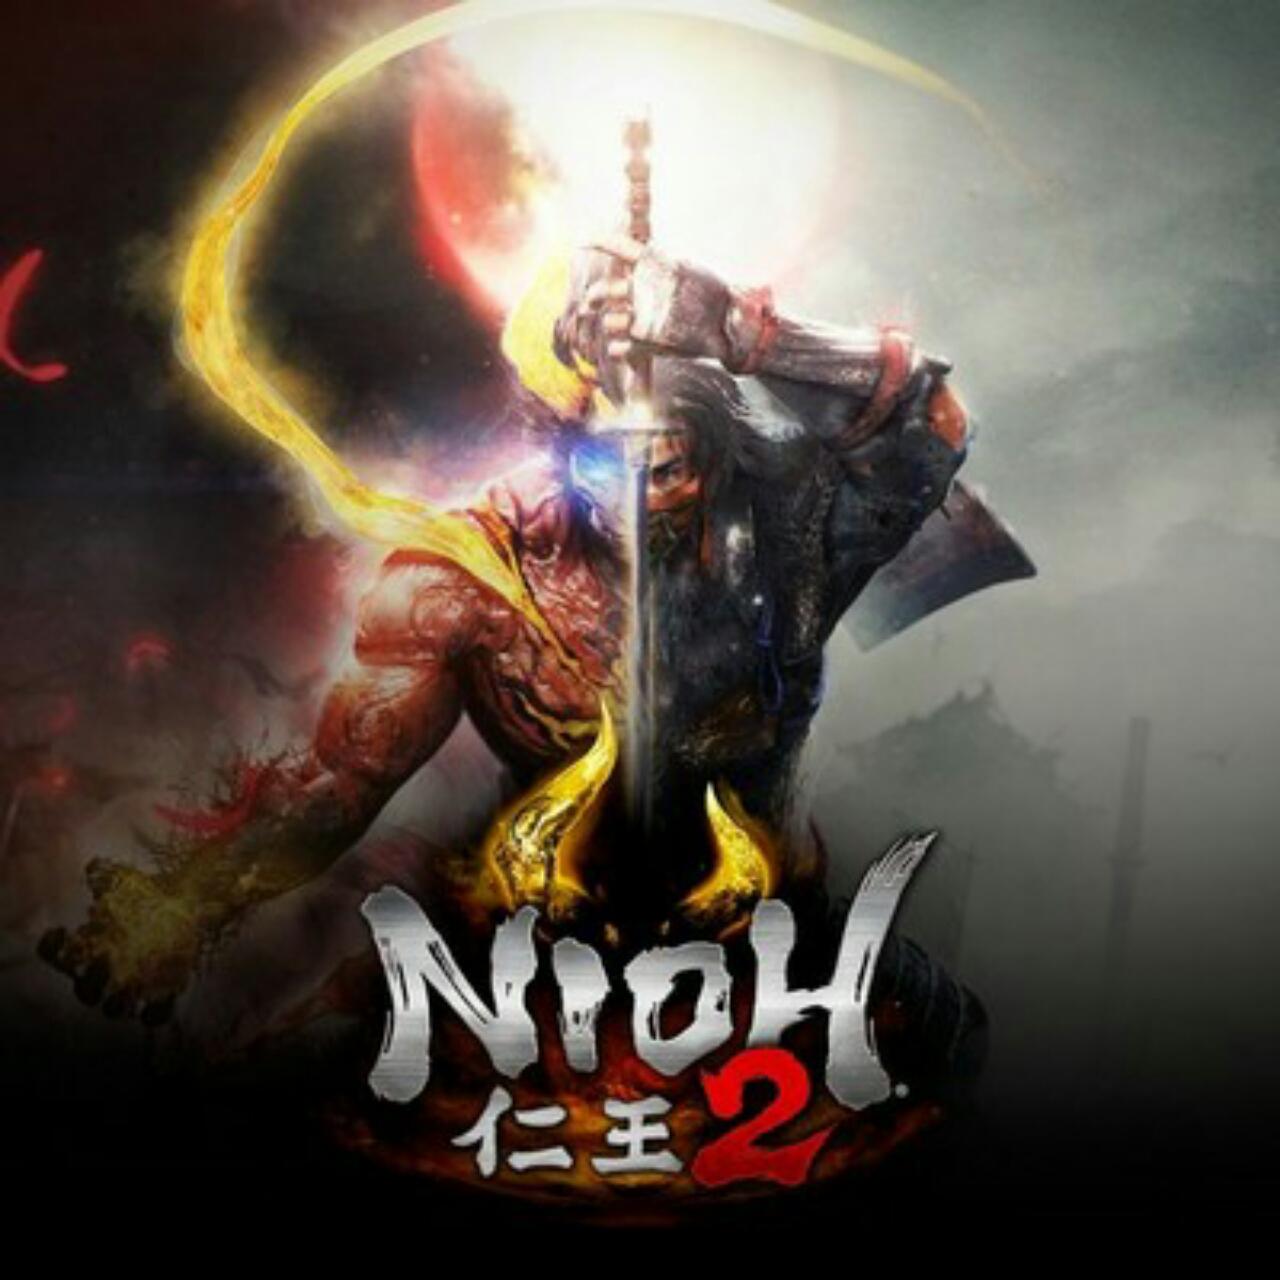 DLC 'Darkness in the Capital' untuk Game Nioh 2 Akan Diluncurkan pada Tanggal 15 Oktober 1